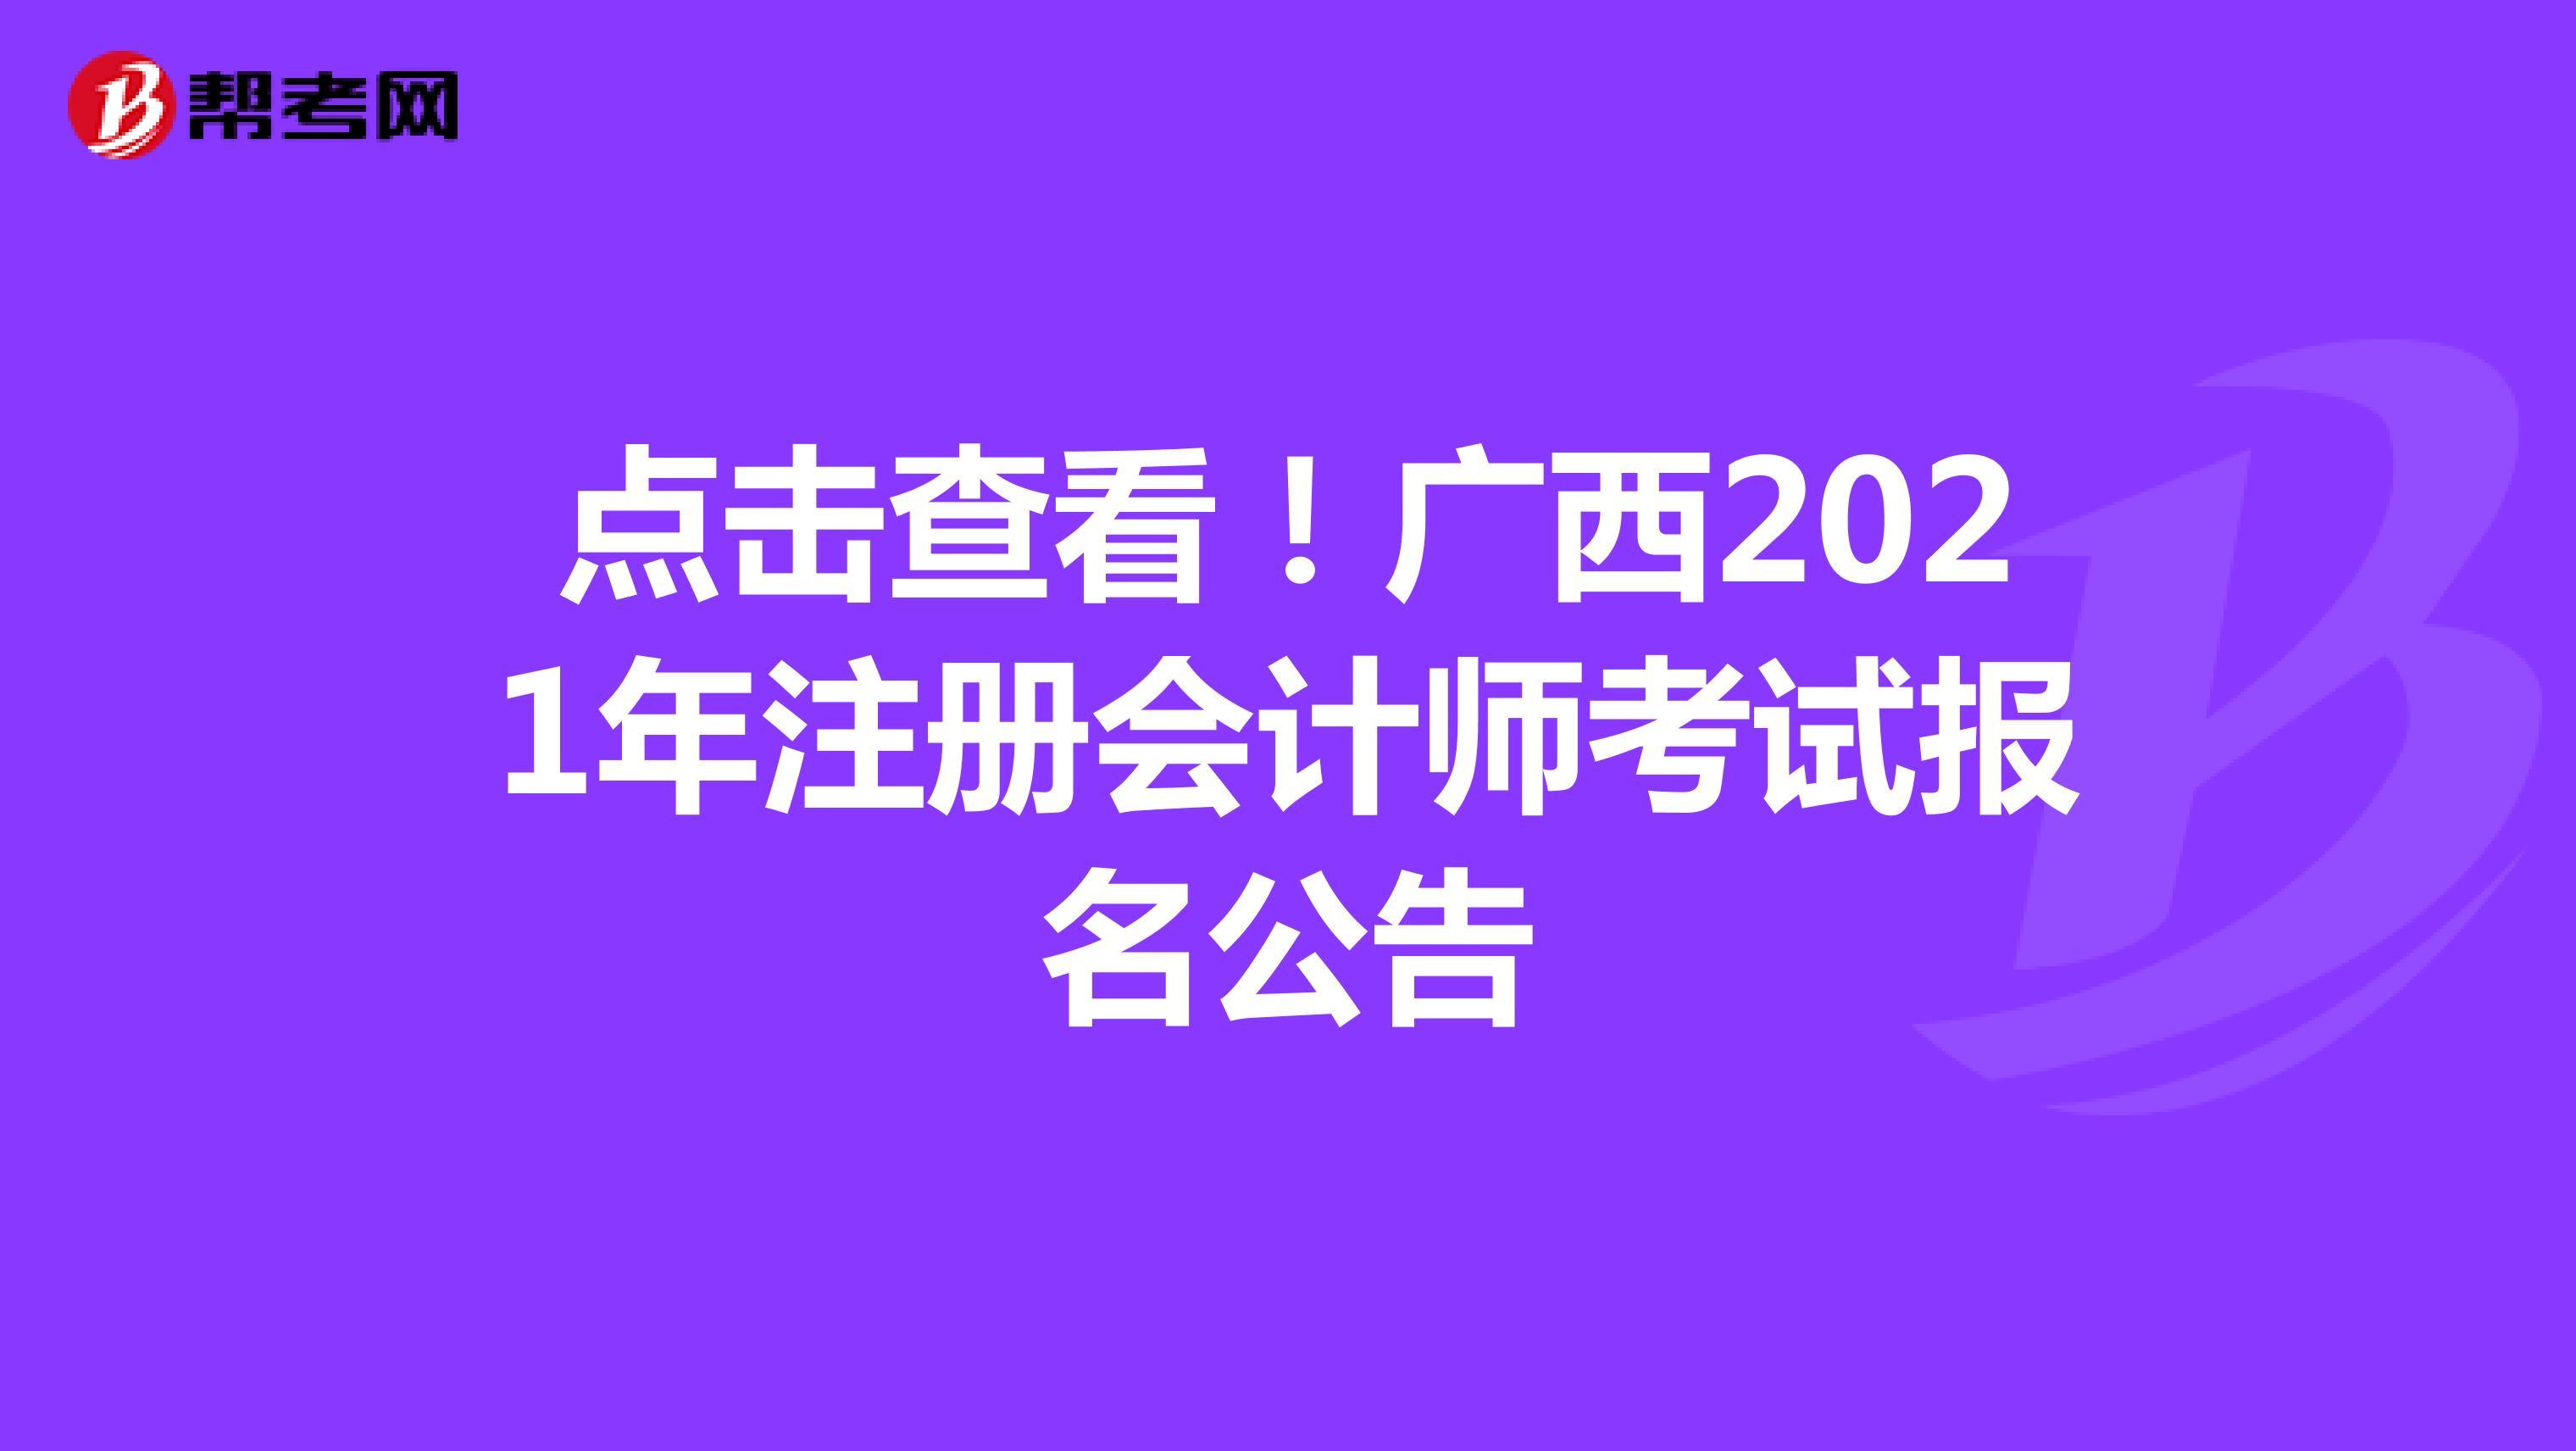 点击查看!广西2021年【hot88热竞技提款】注册会计师考试报名公告